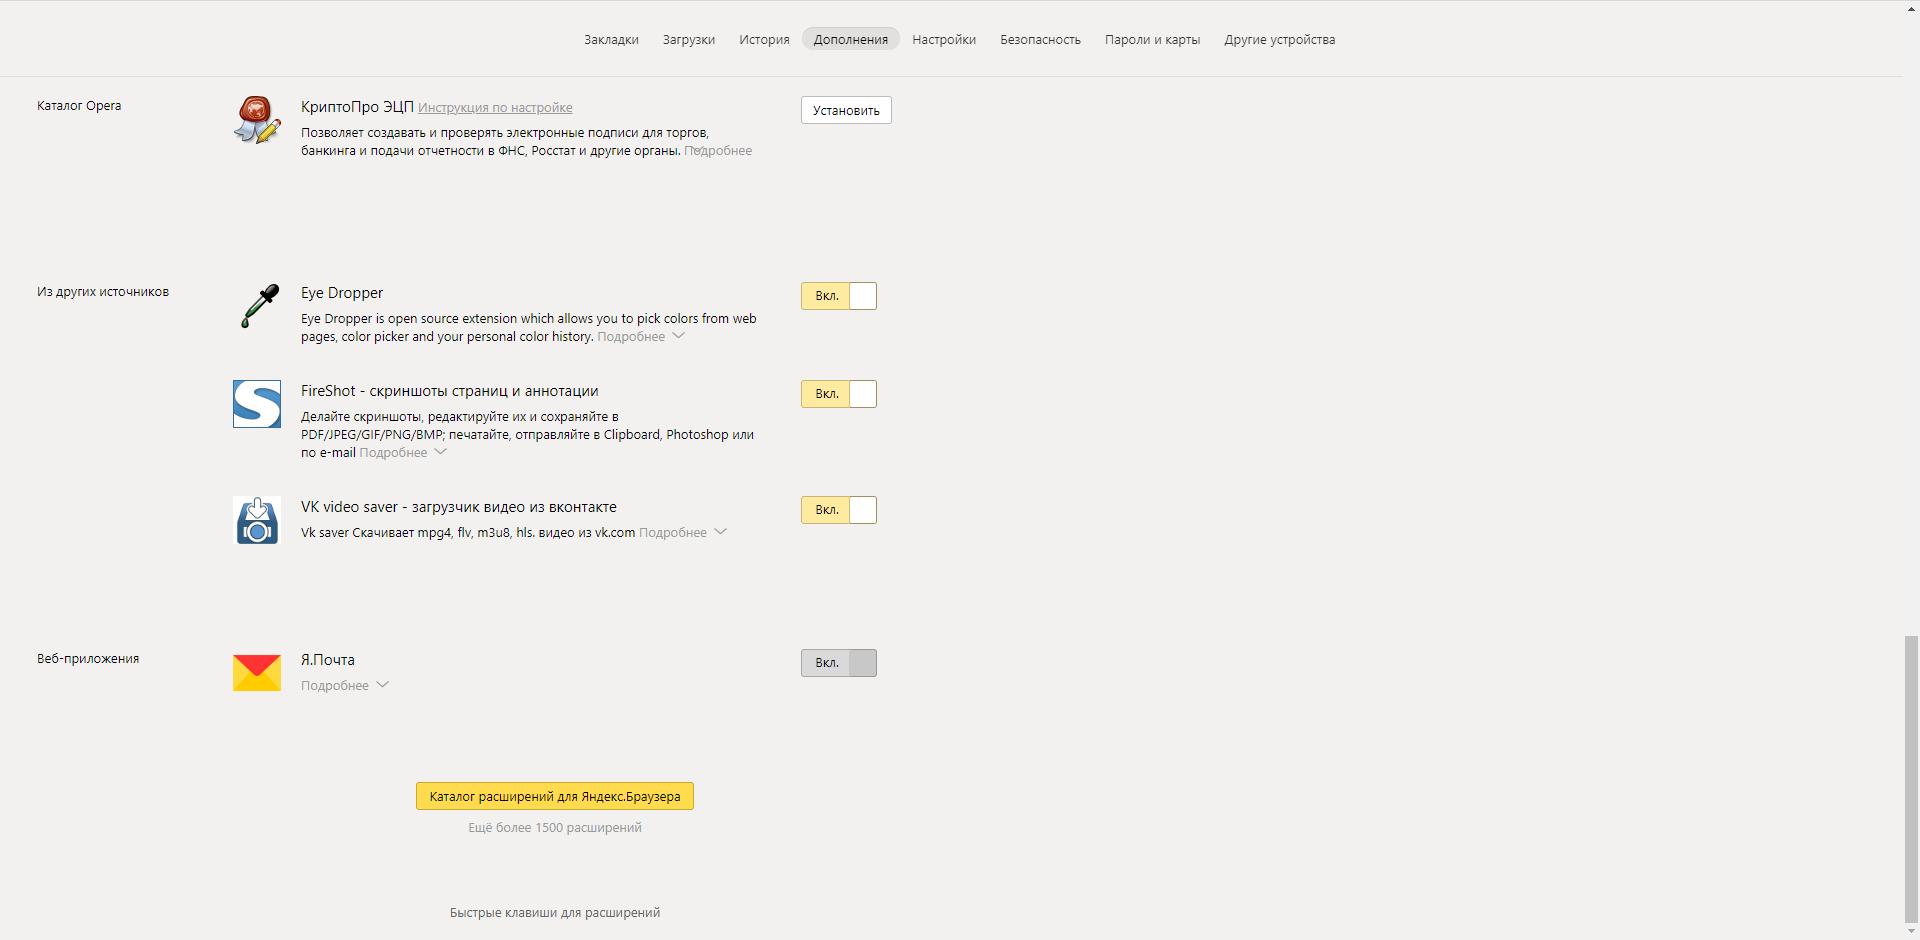 Как открыть магазин расширений в Яндекс Браузере